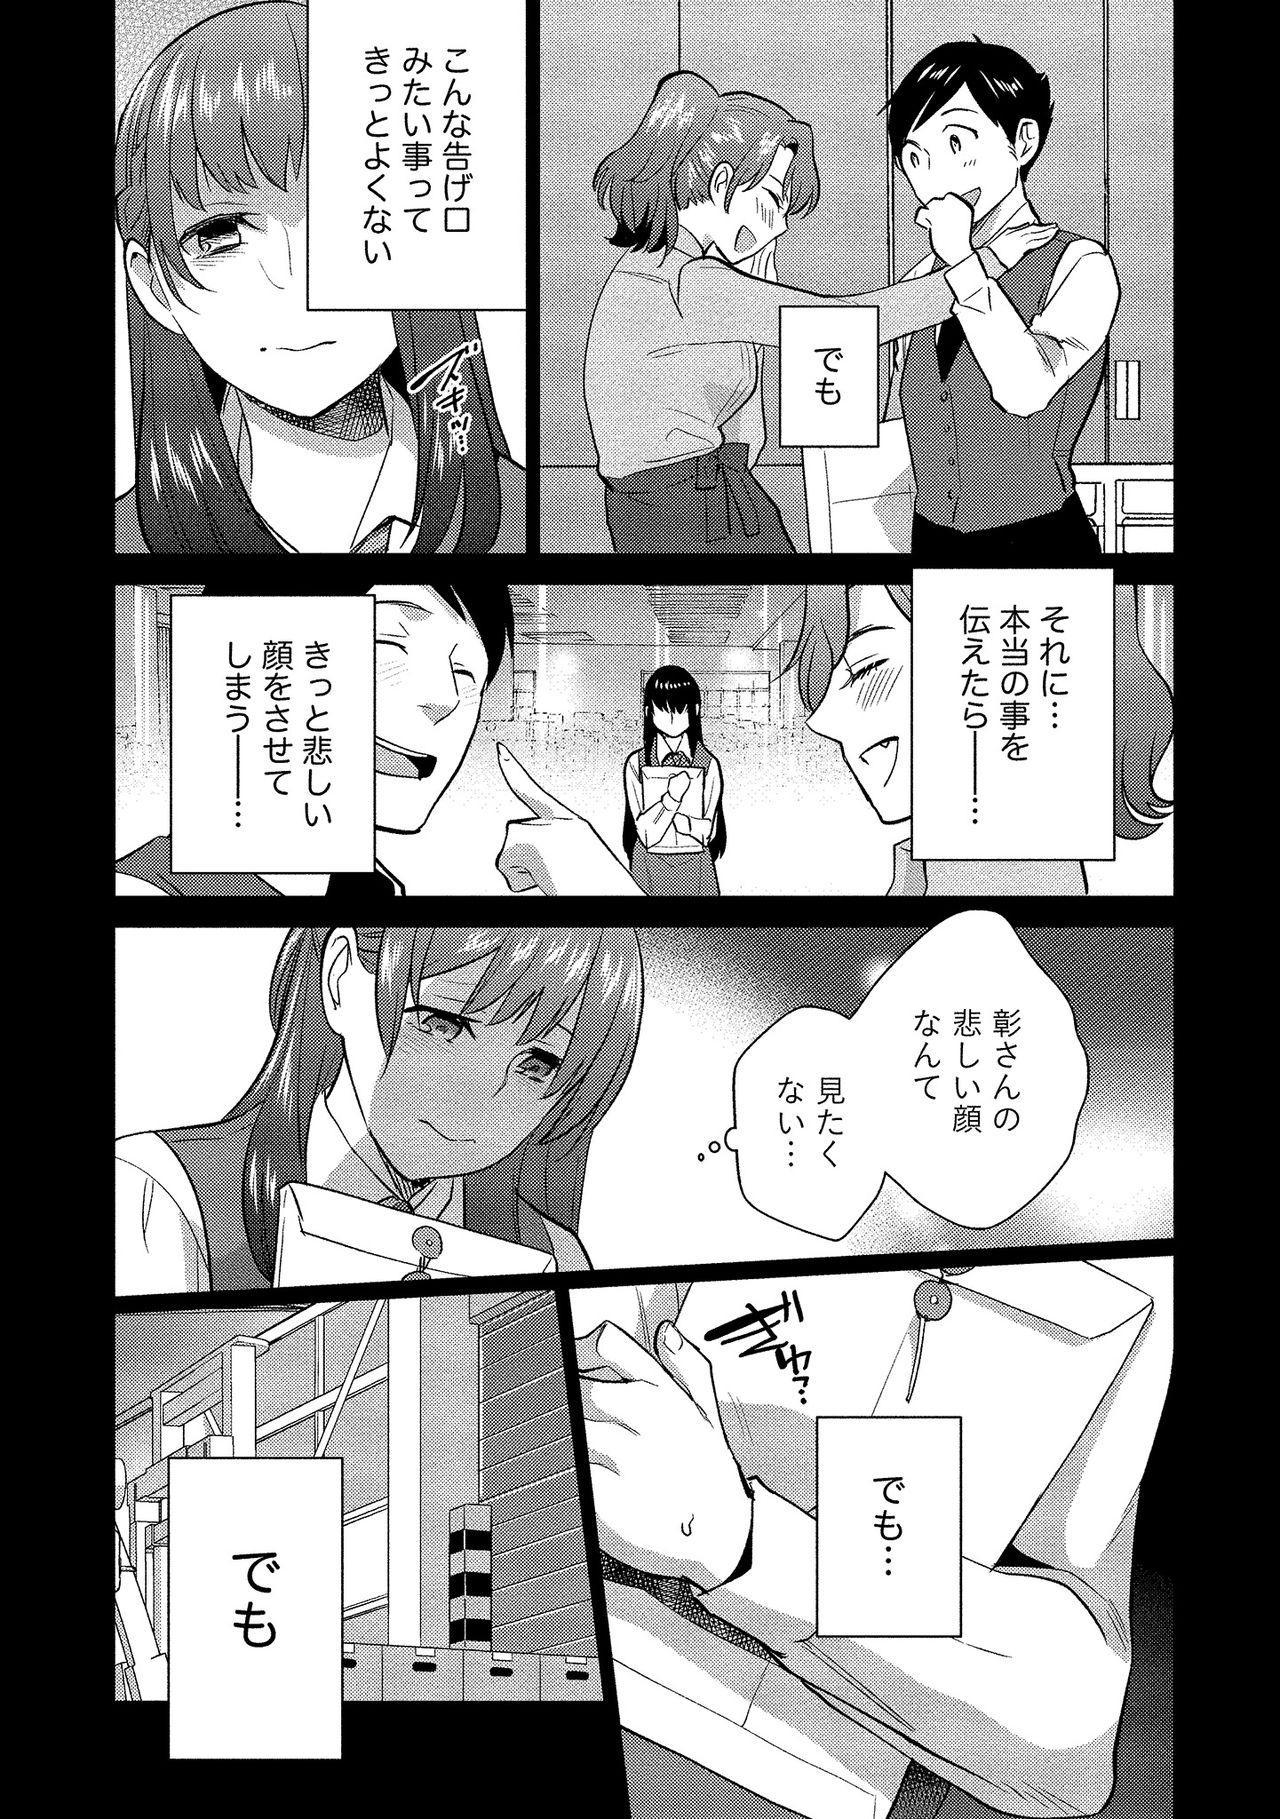 Dorobou Neko wa Kanojo no Hajimari 185